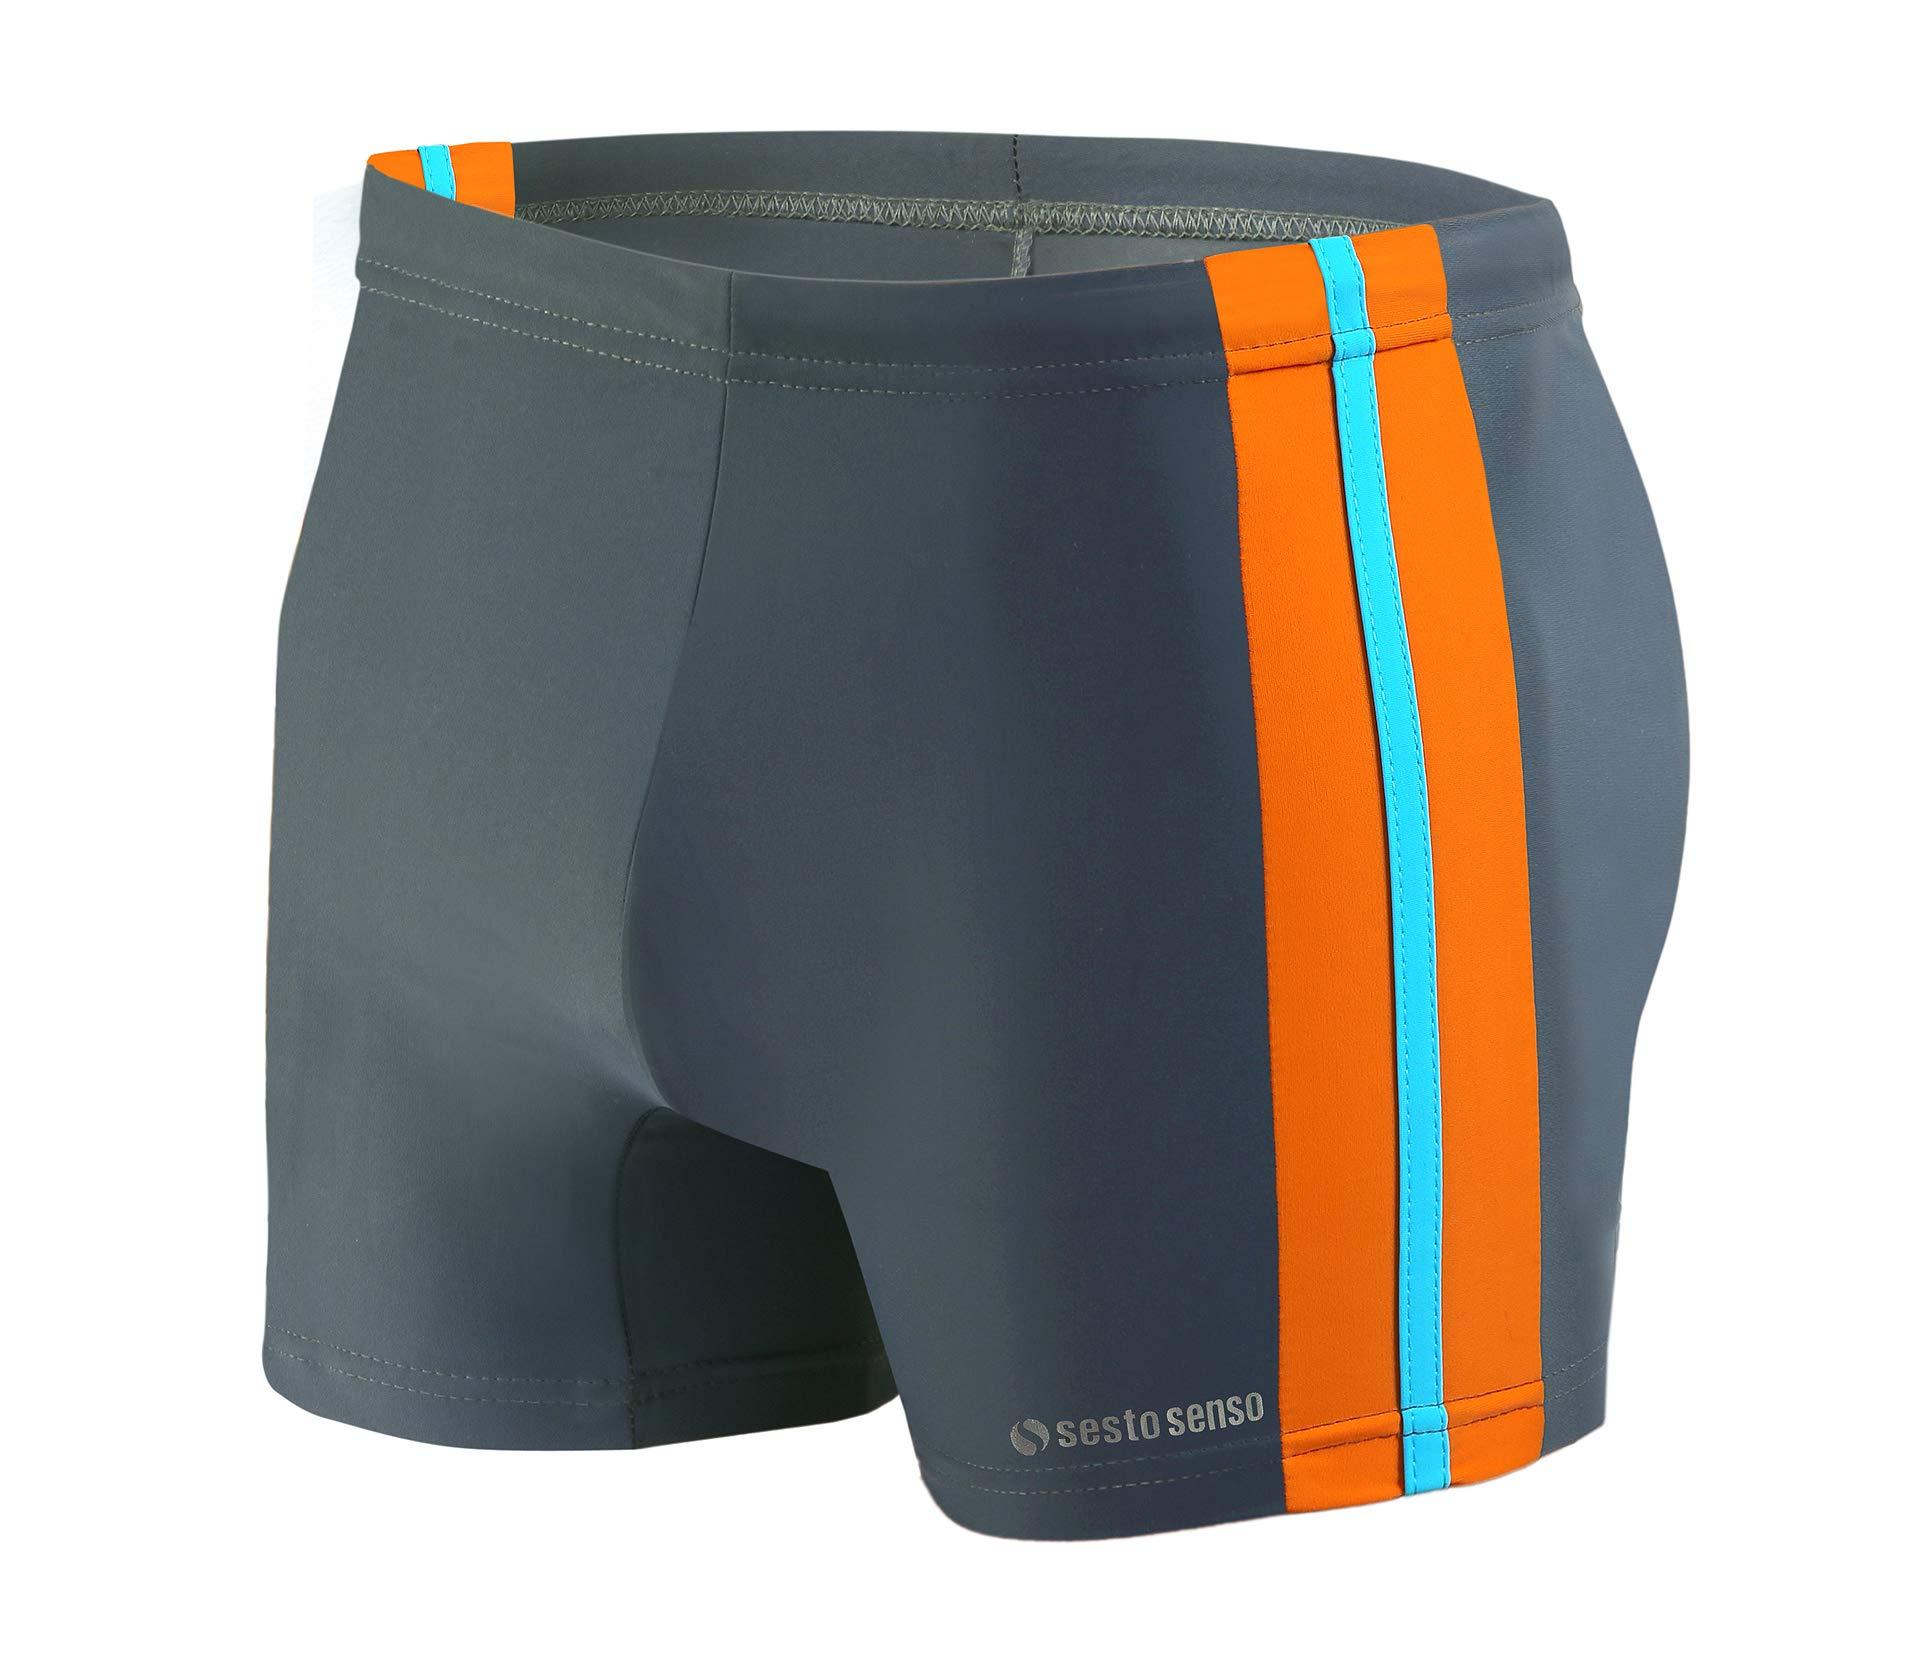 f817262727 Top Slips de bain homme selon les notes Amazon.fr